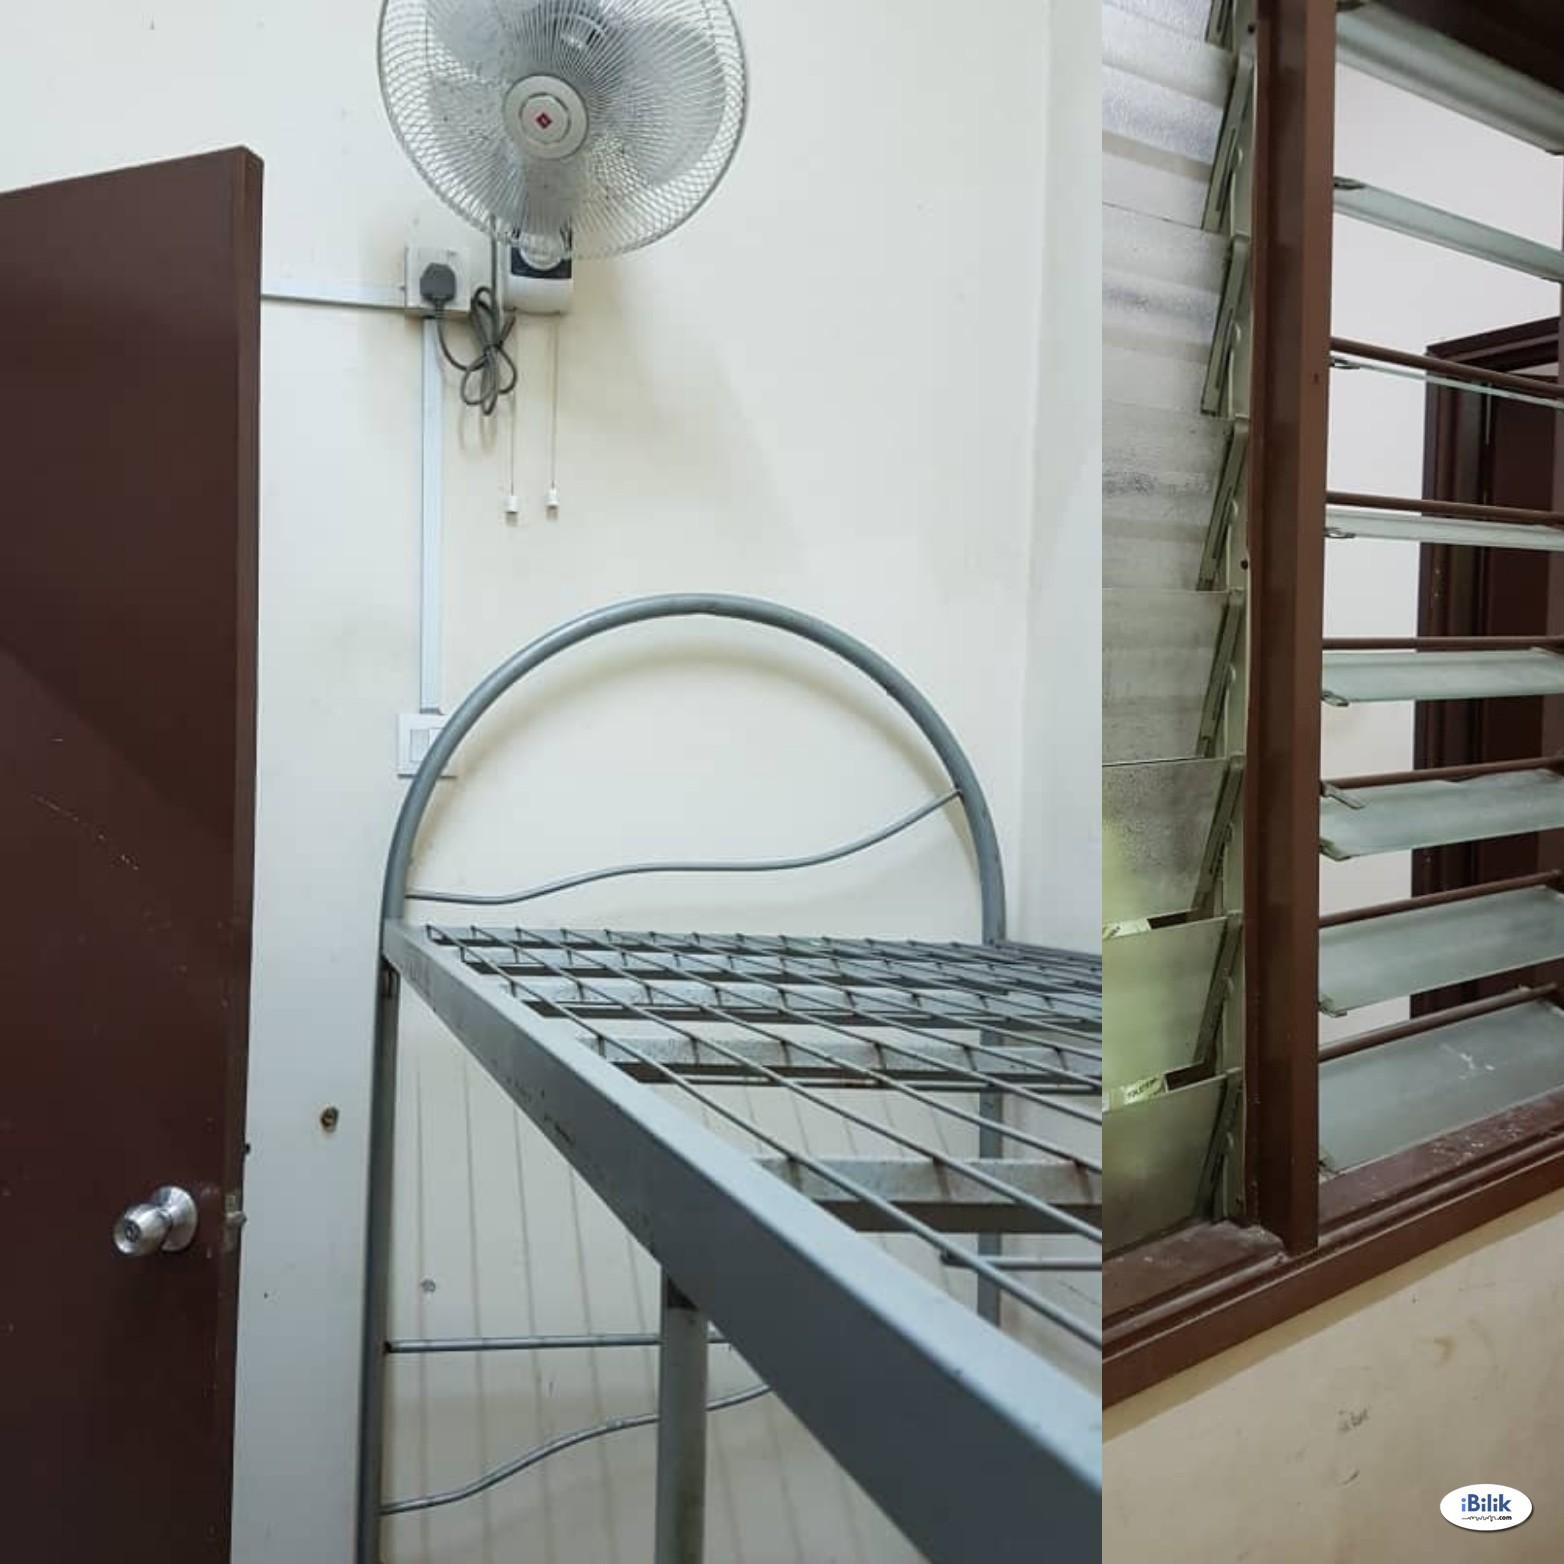 Small room w/ wall fan, Fast Wifi, Washing Machine near Taman Bahagia LRT